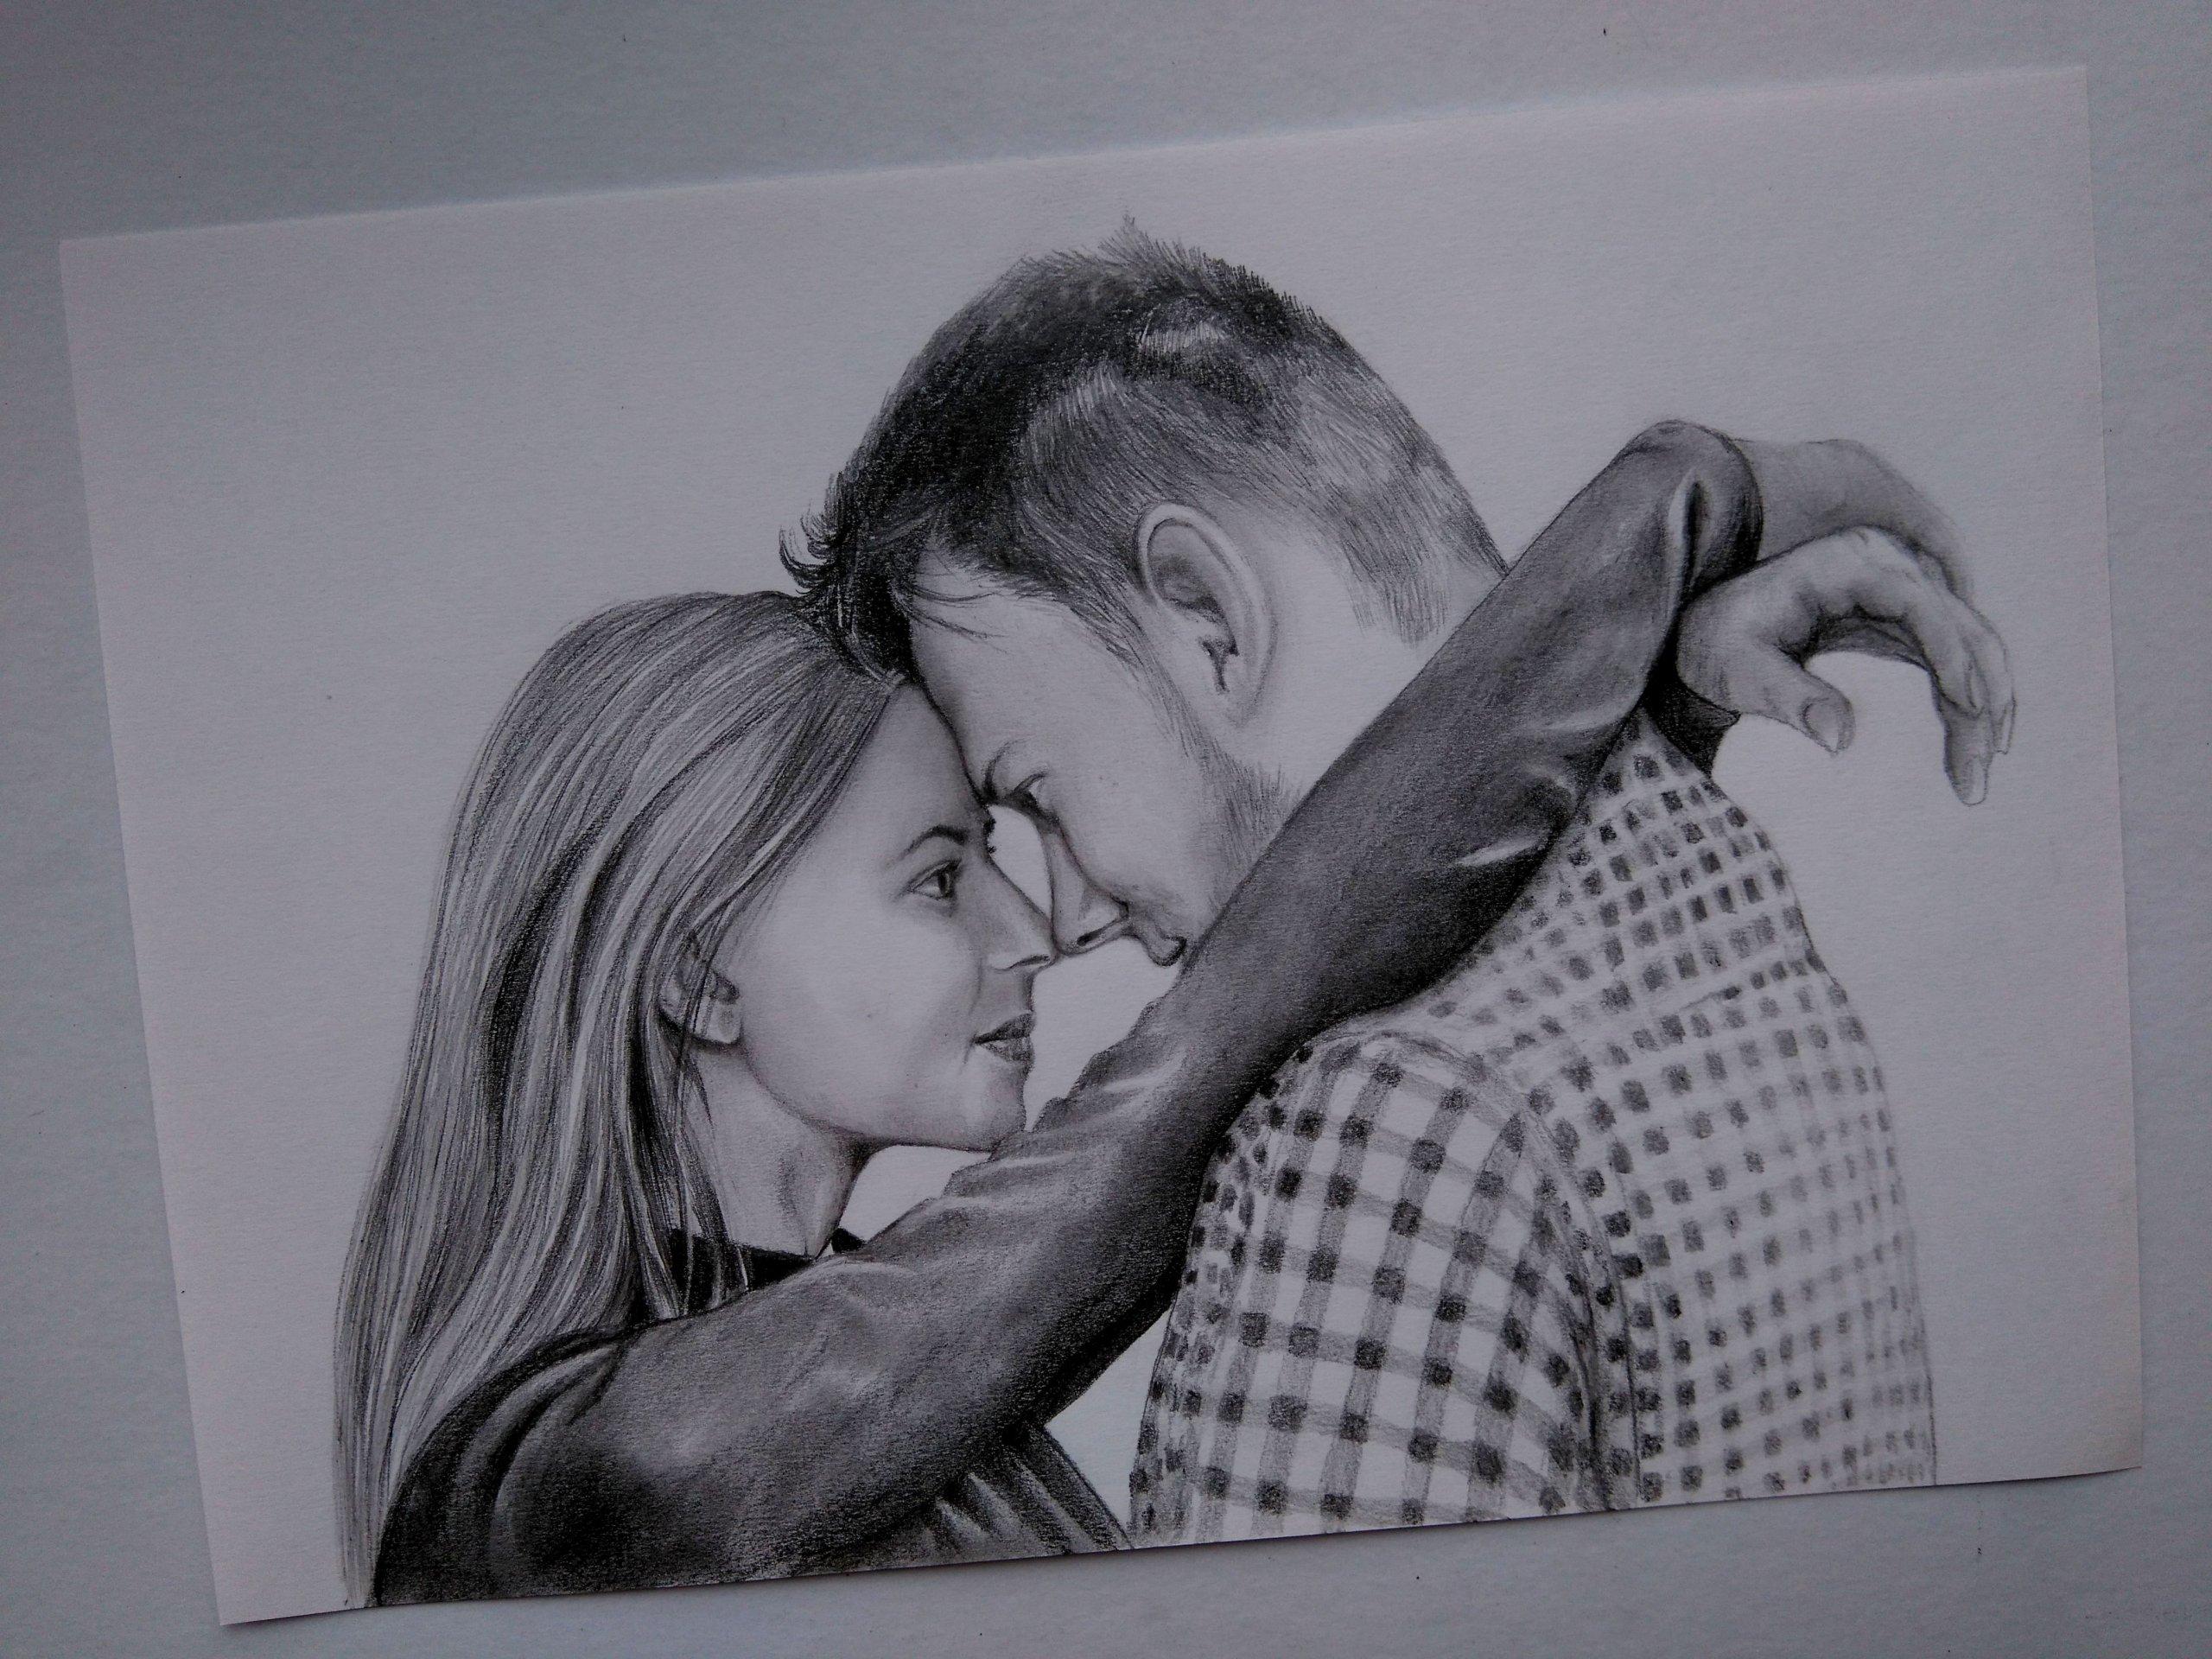 Portret Szkic Ołówkiem Na Podstawie Zdjęcia A4a3 7212557357